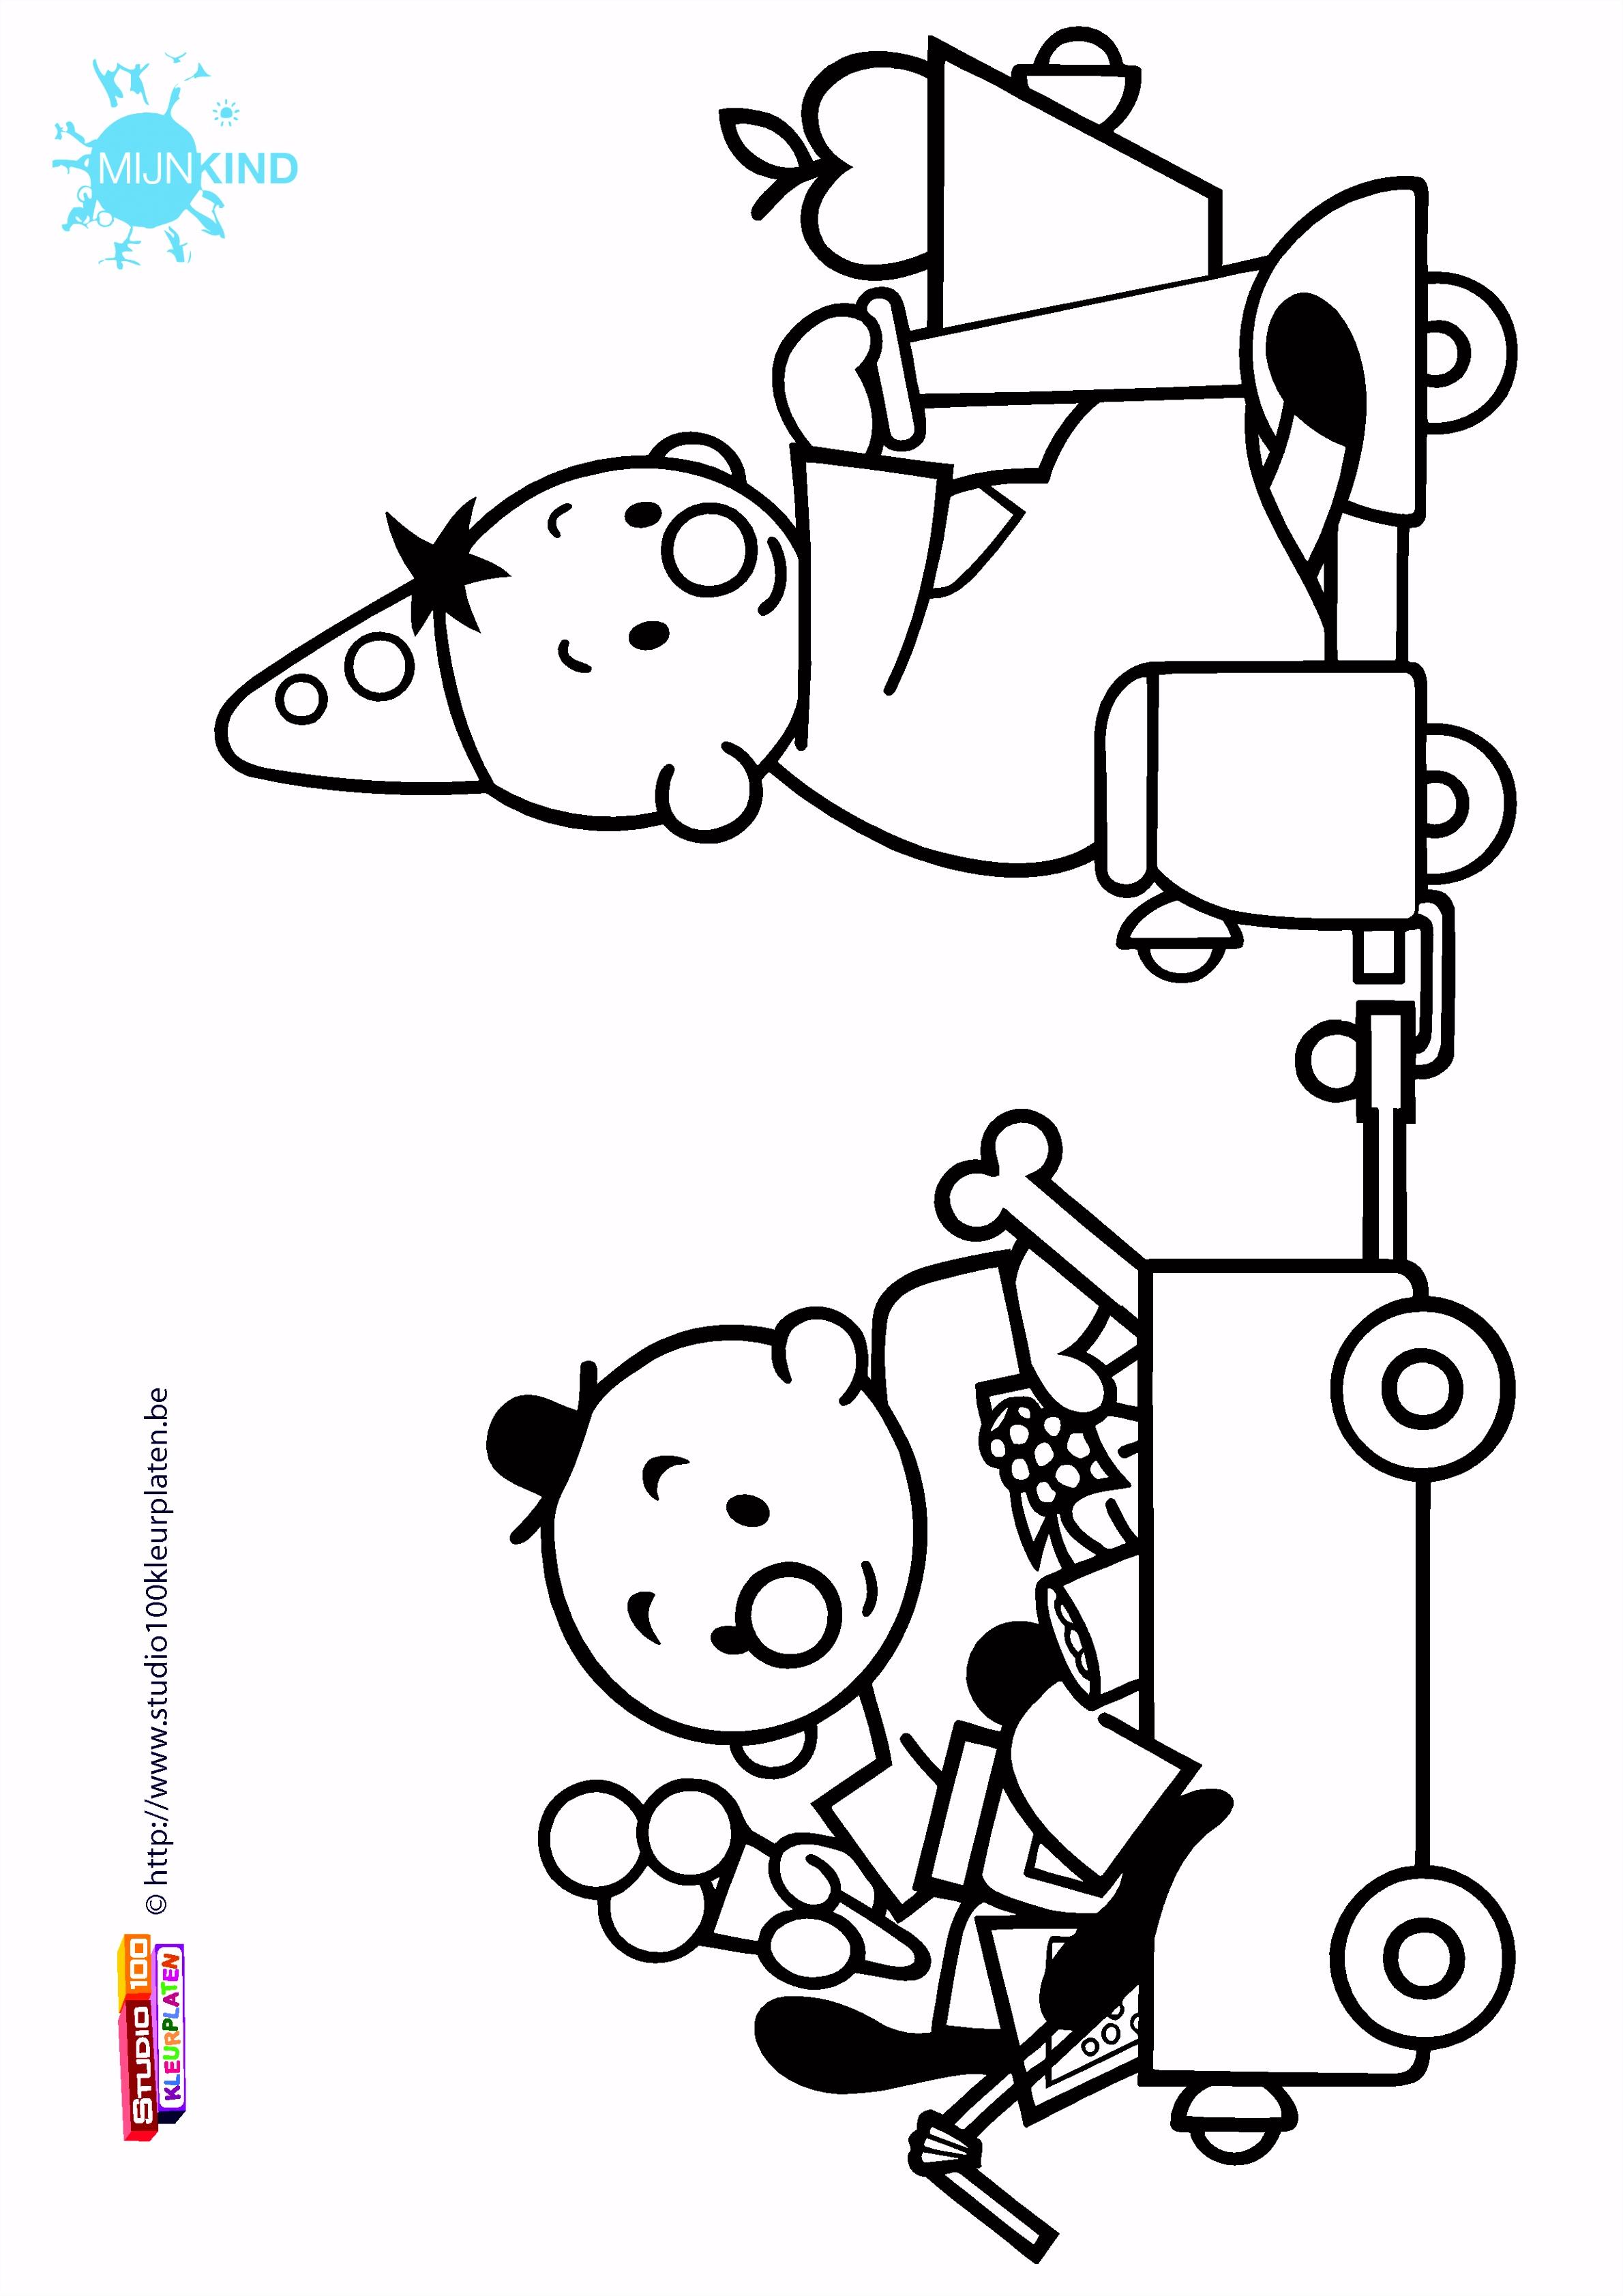 Print de gratis kleurplaat van Bumba kleurplaat nummer 41 Mijn Kind